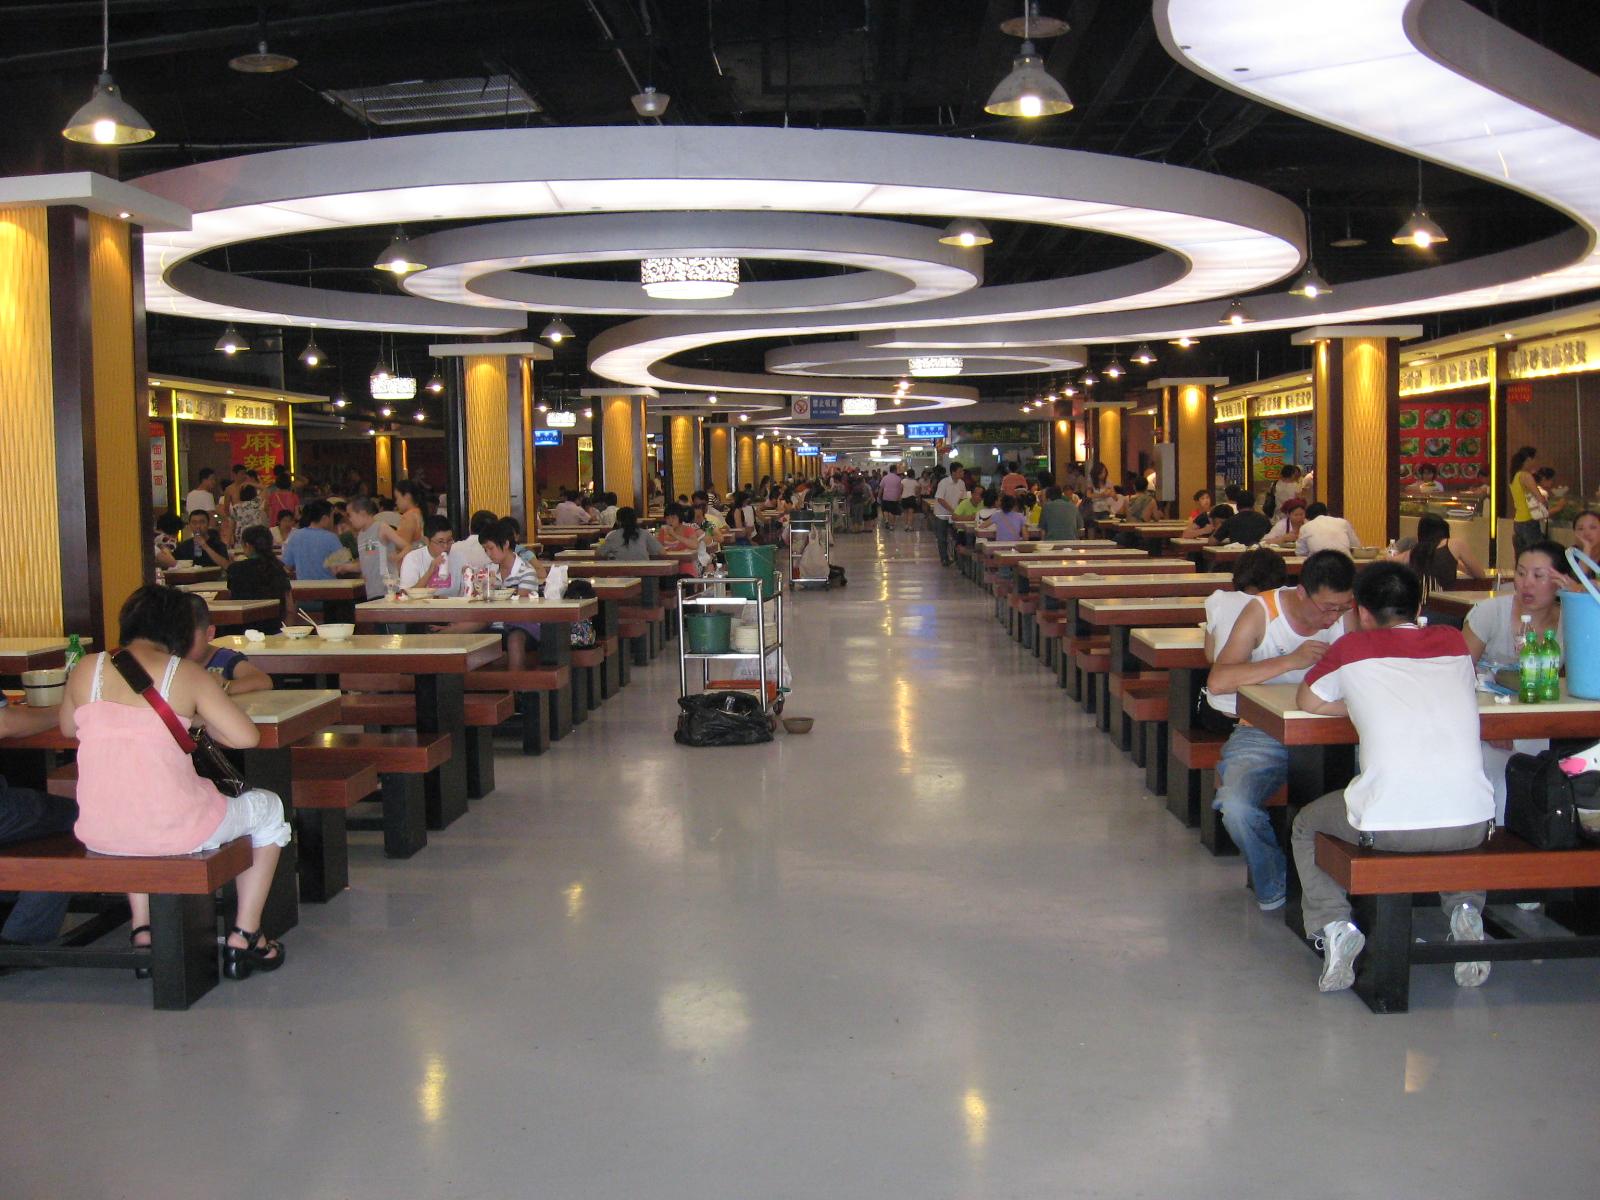 西乡欧亚项目美食收费机广场美食节长春图片